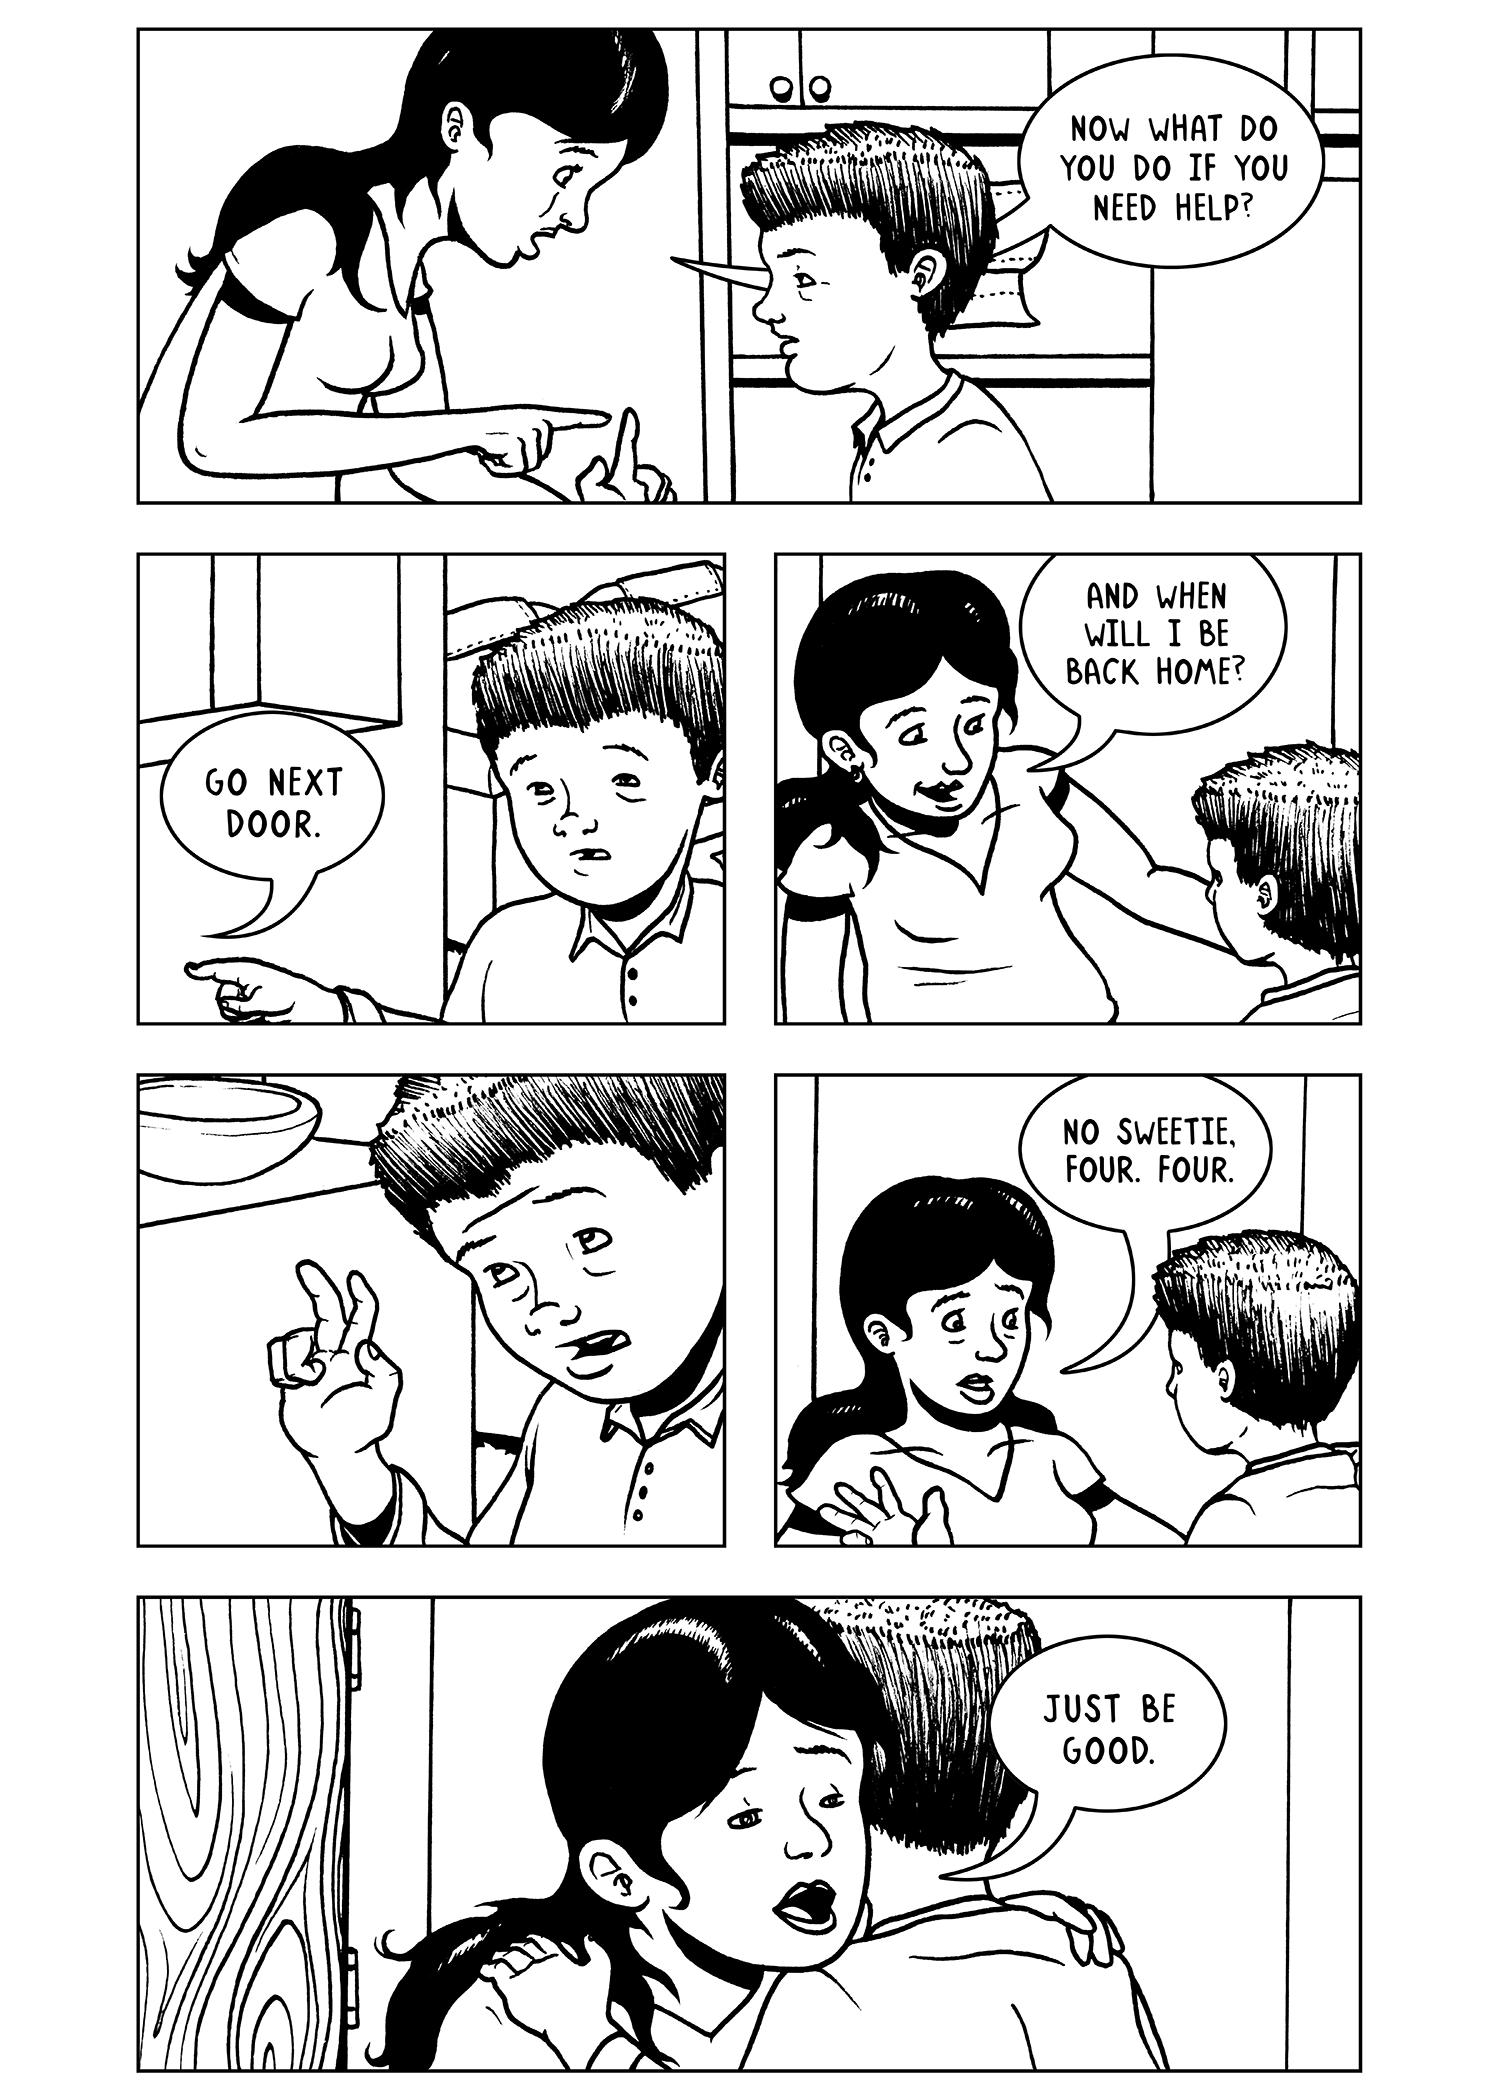 QWERTY_comic_17